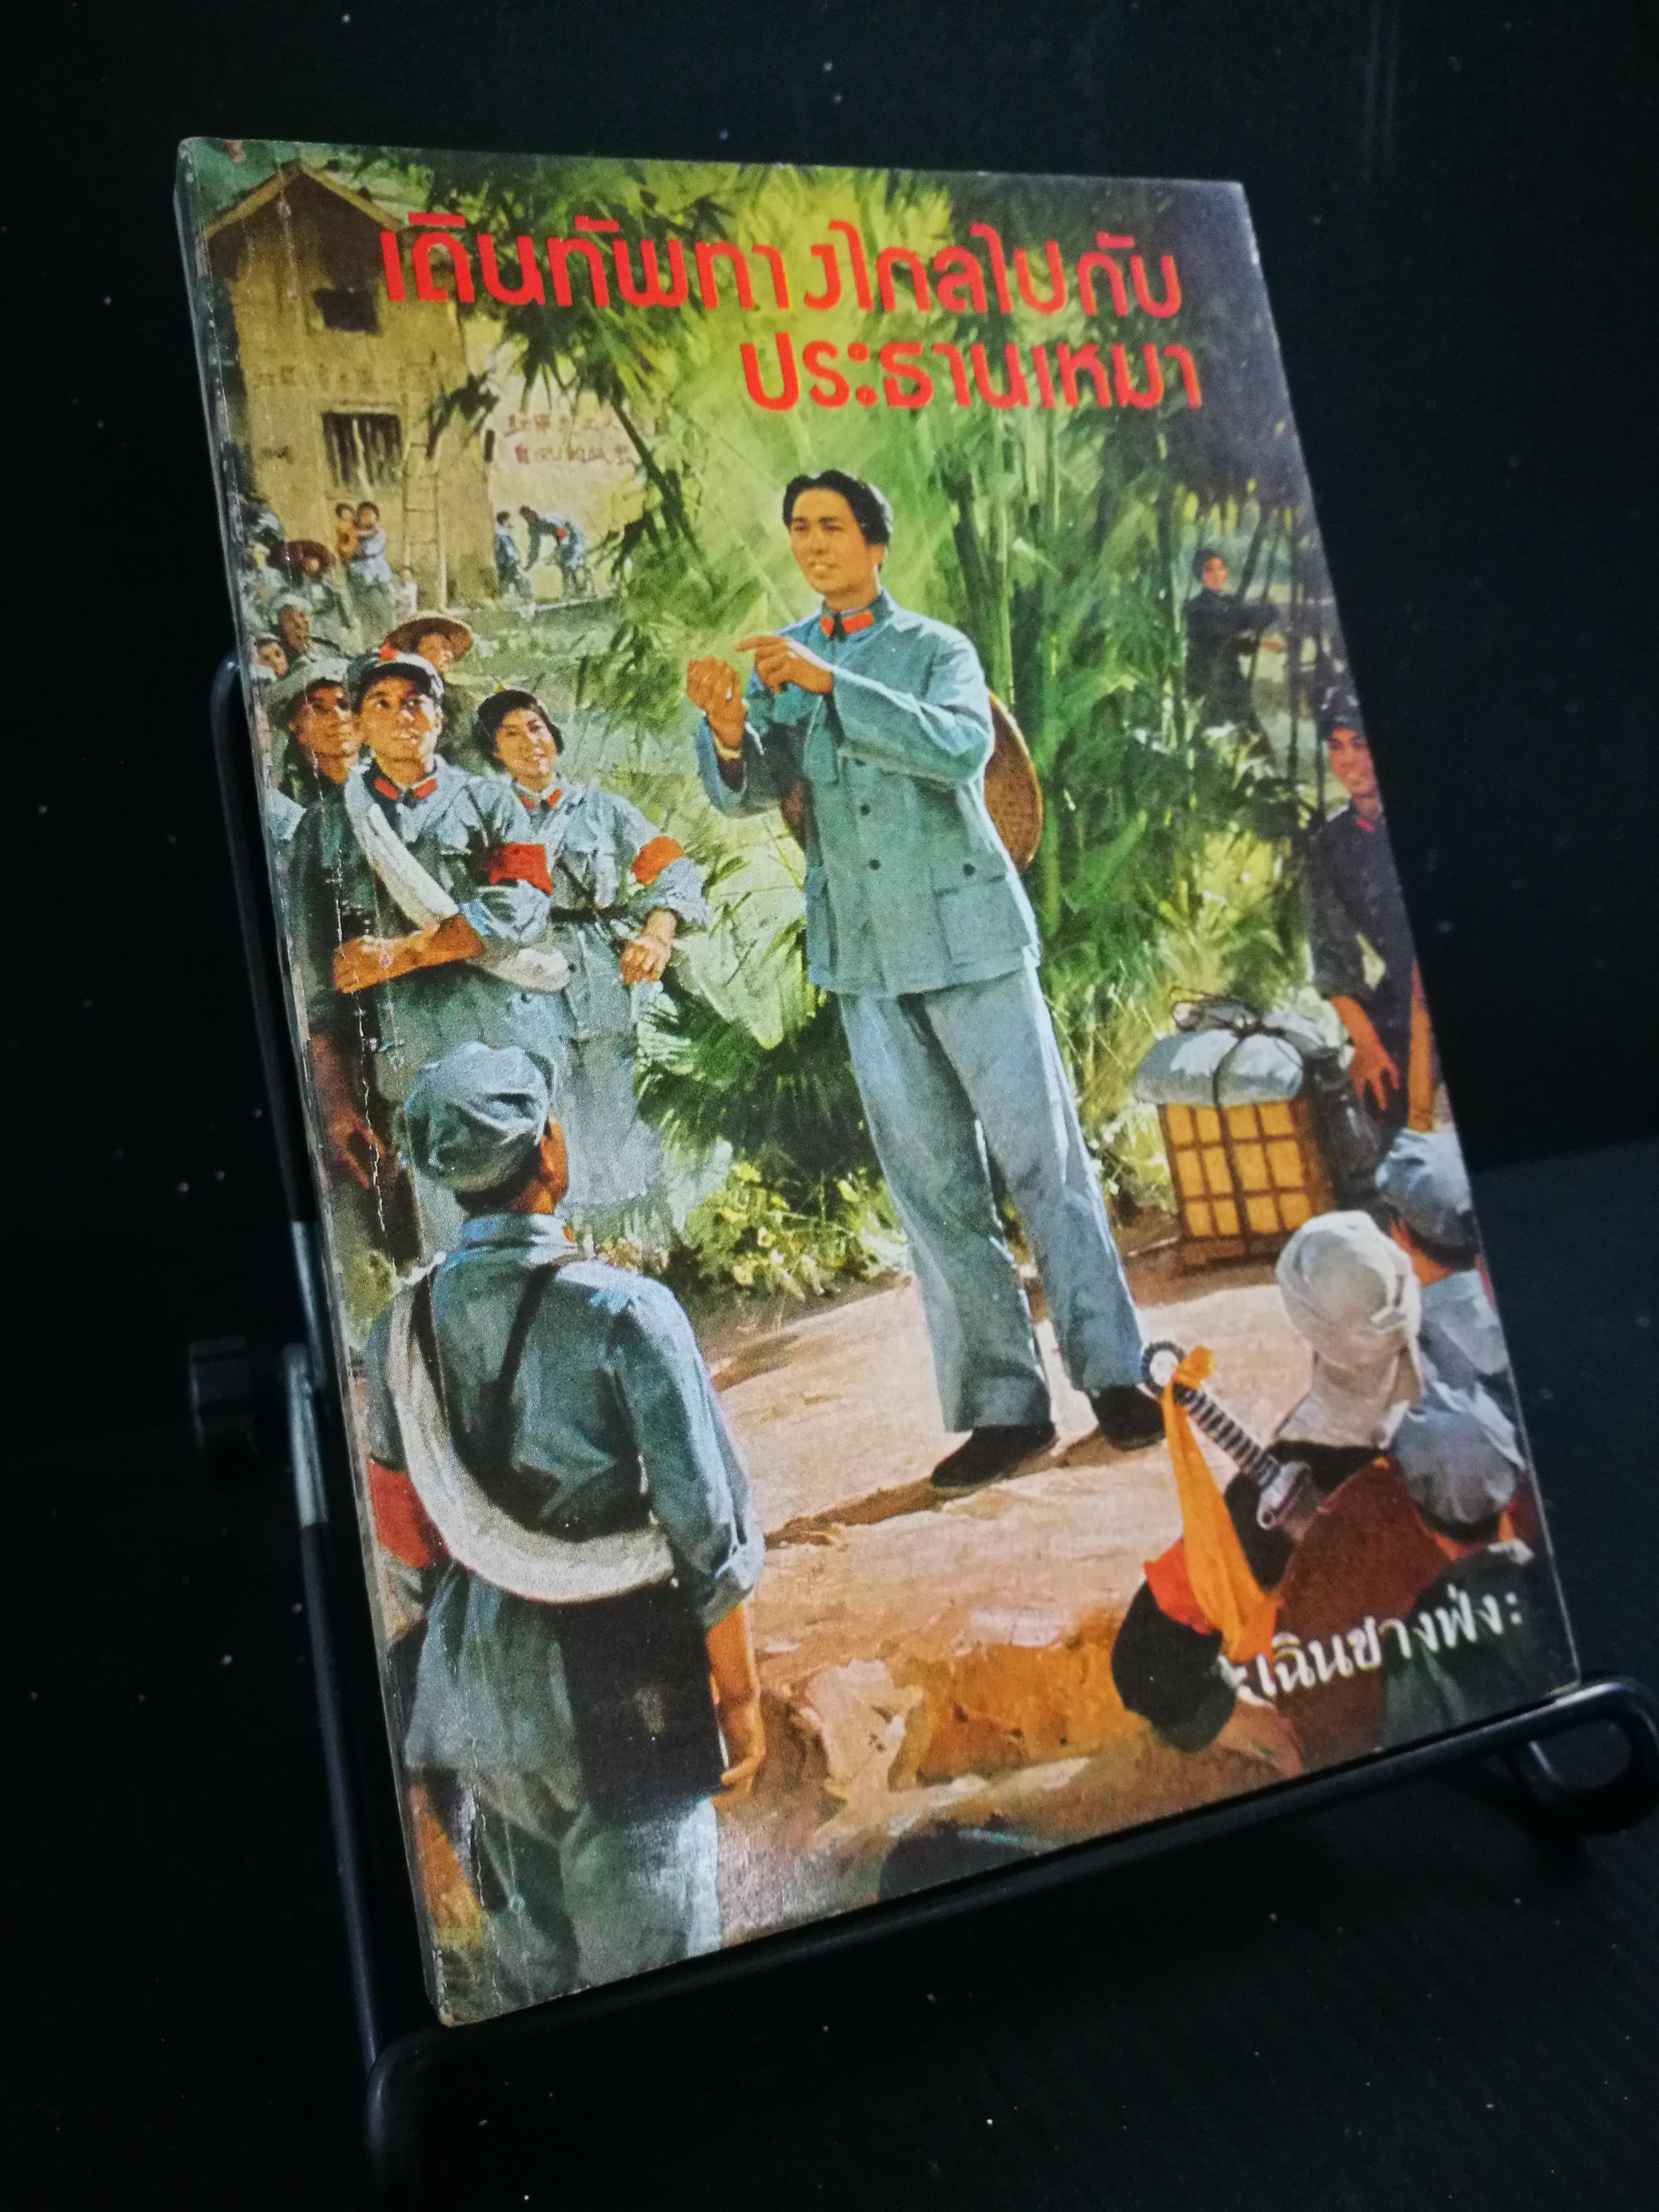 เดินทัพทางไกลไปกับประธานเหมาฯ - หนังสือต้องห้าม